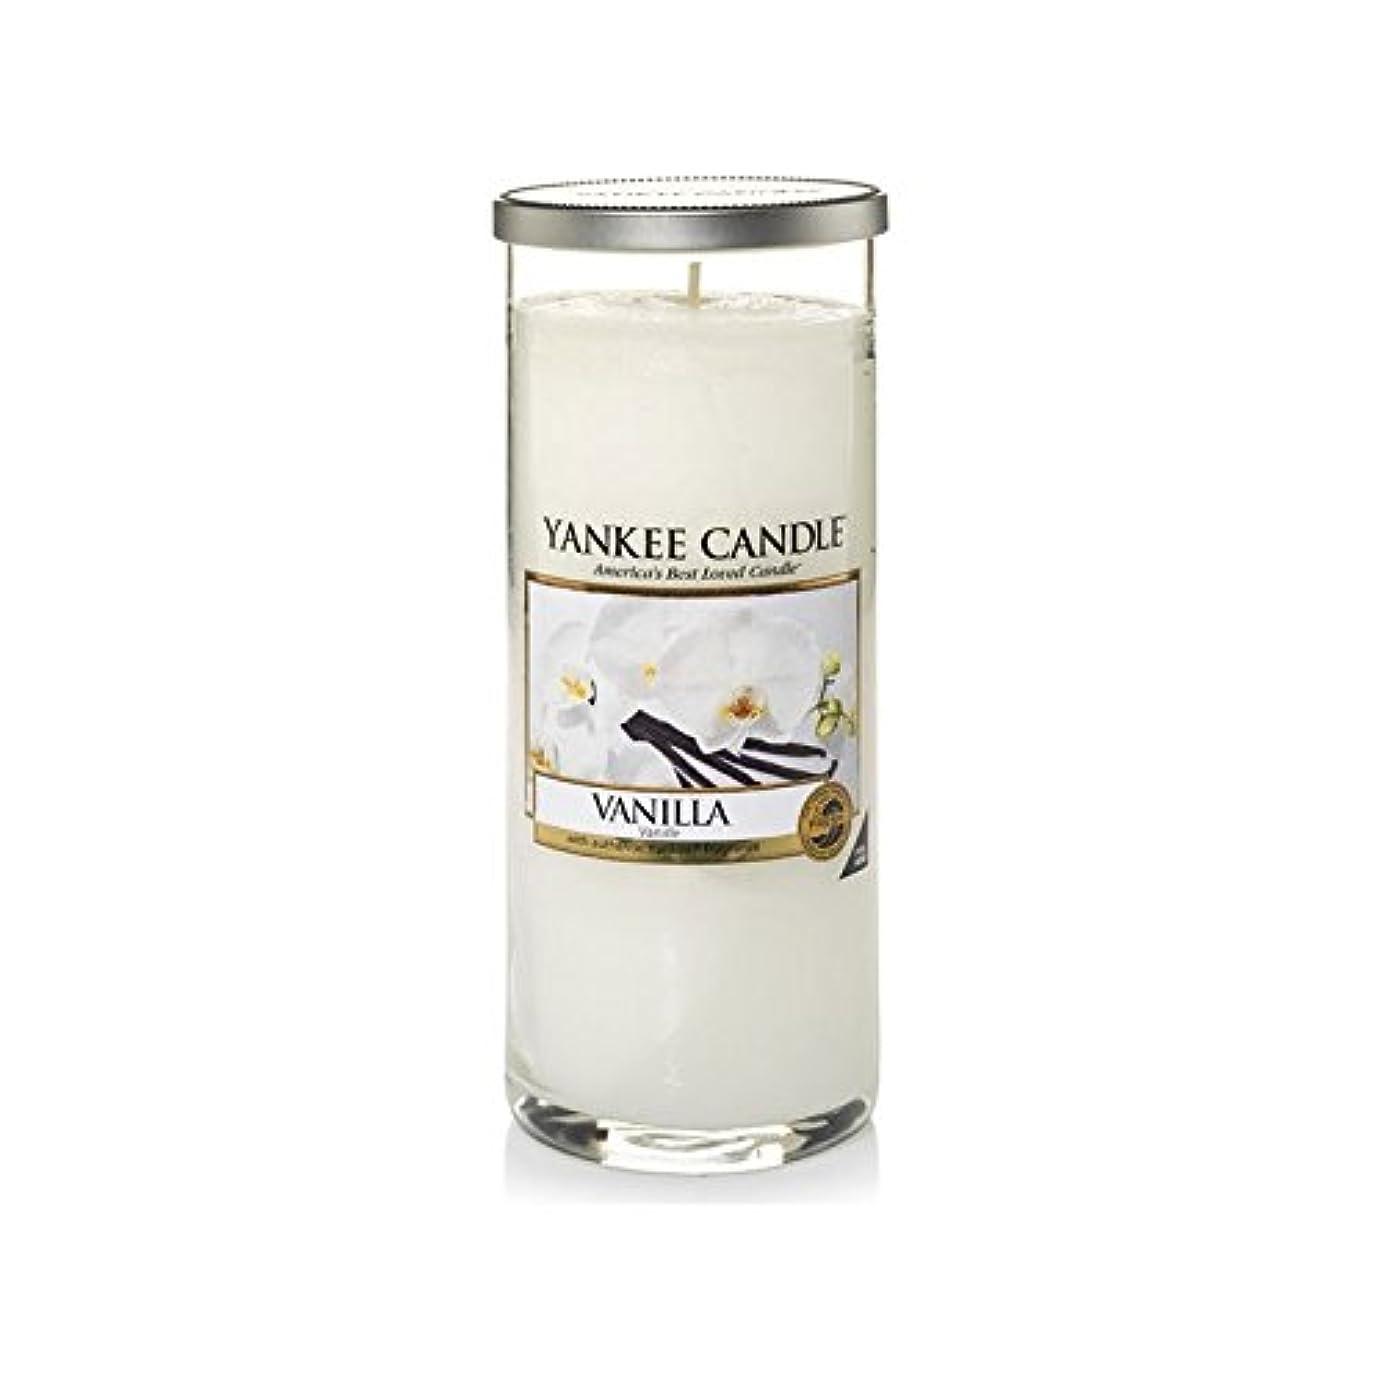 混乱郡聴覚Yankee Candles Large Pillar Candle - Vanilla (Pack of 2) - ヤンキーキャンドル大きな柱キャンドル - バニラ (x2) [並行輸入品]